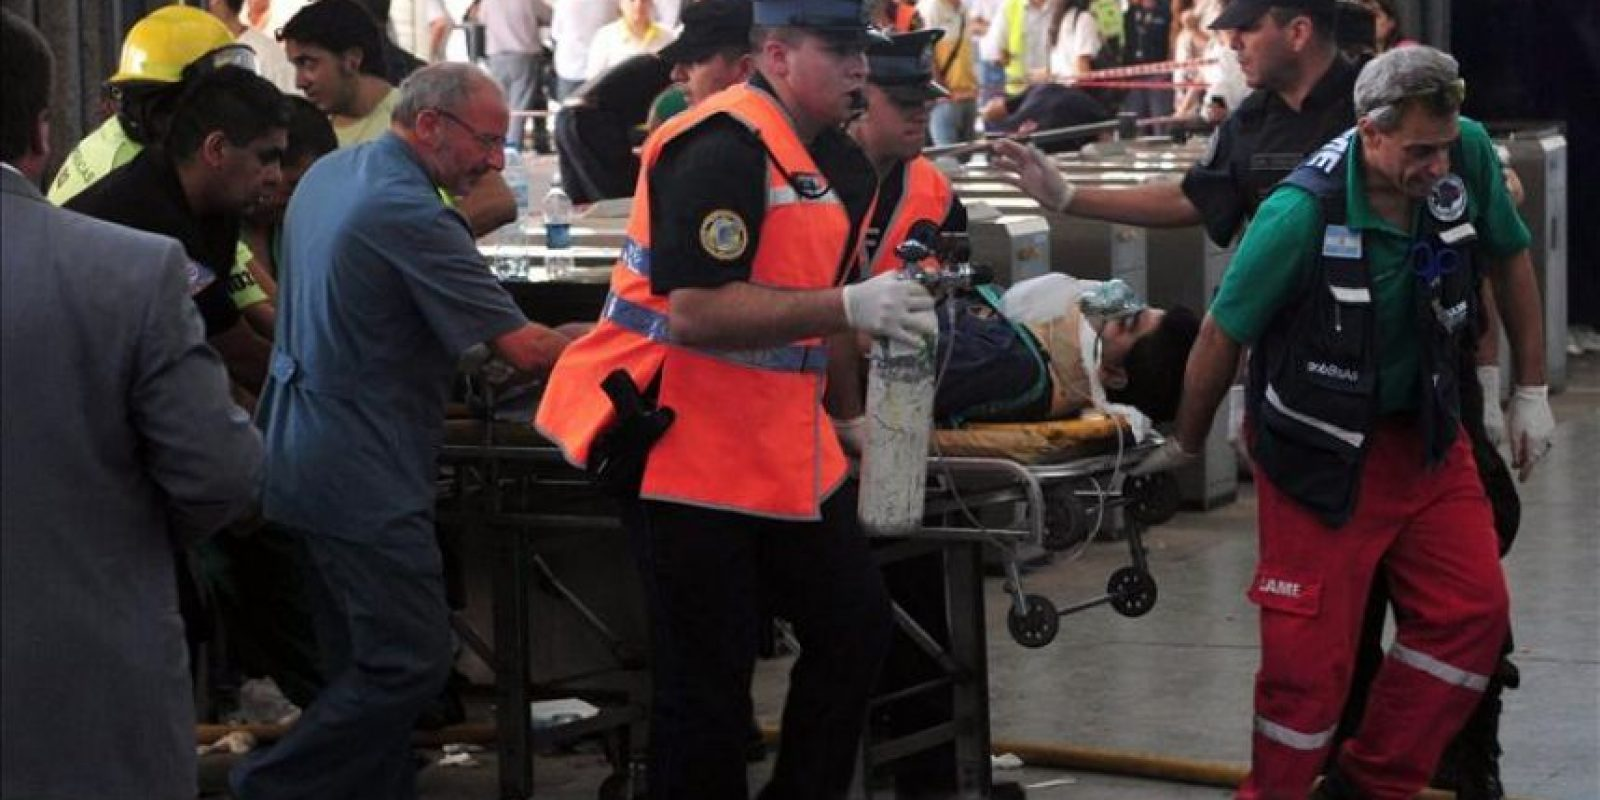 Un herido es trasladado en camilla tras el accidente de un tren en Buenos Aires (Argentina). EFE